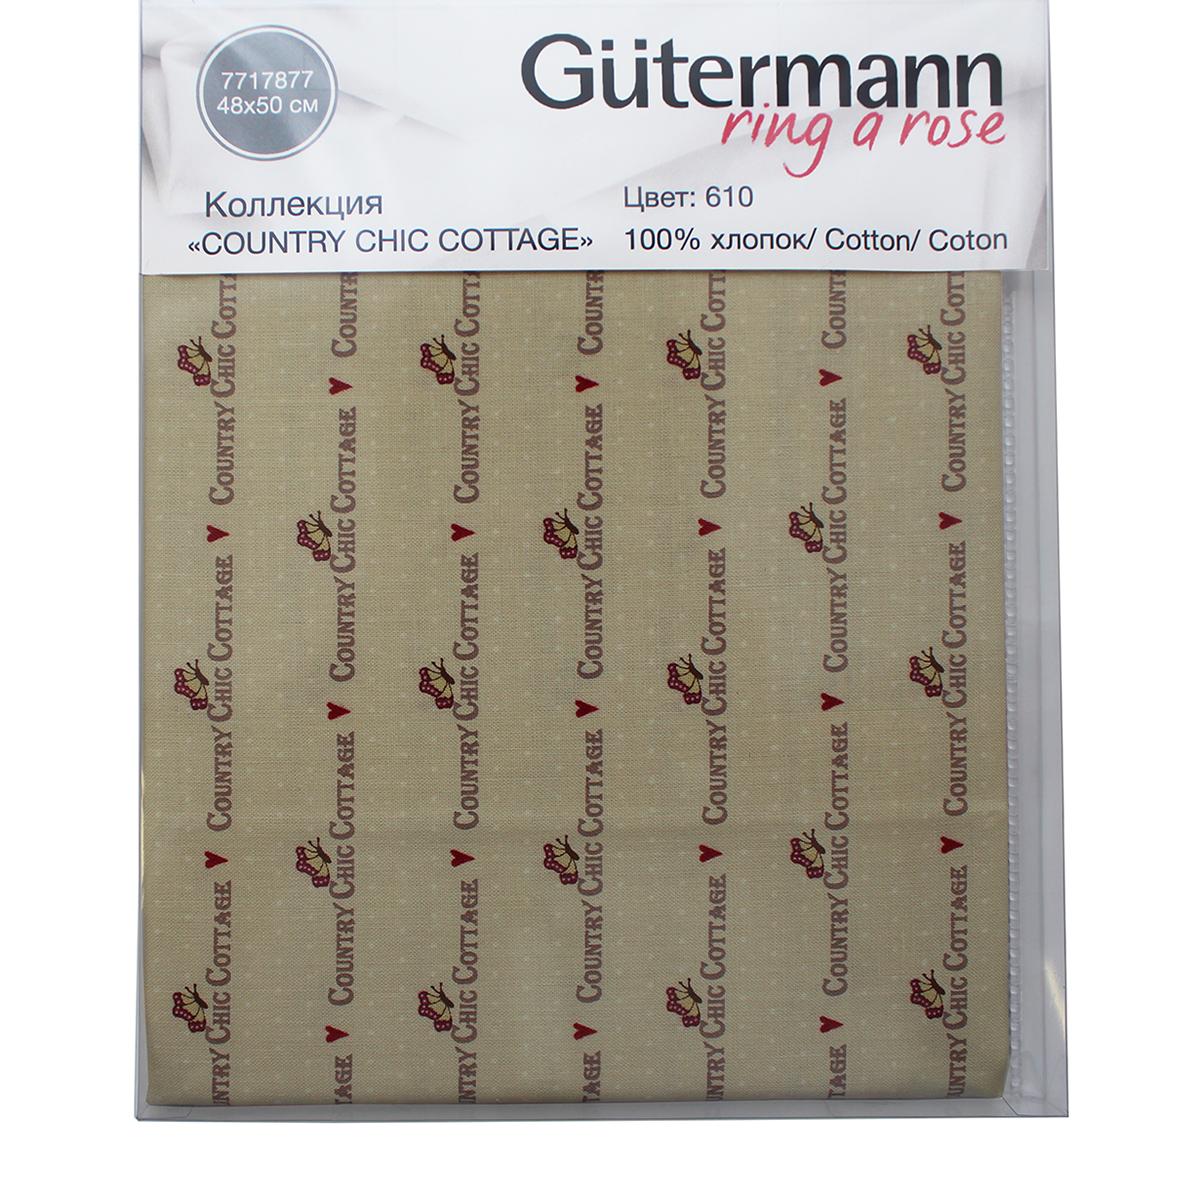 Ткань Gutermann Country Chic Cottage, 48 х 50 см. 649384_6107717877-610Хлопковая ткань от Gutermann (Гутерманн) выполнена из 100% натурального материала, идеально подойдет для шитья одежды, постельного белья, декорирования. Ткань не линяет, не осыпается по краям и не дает усадки.